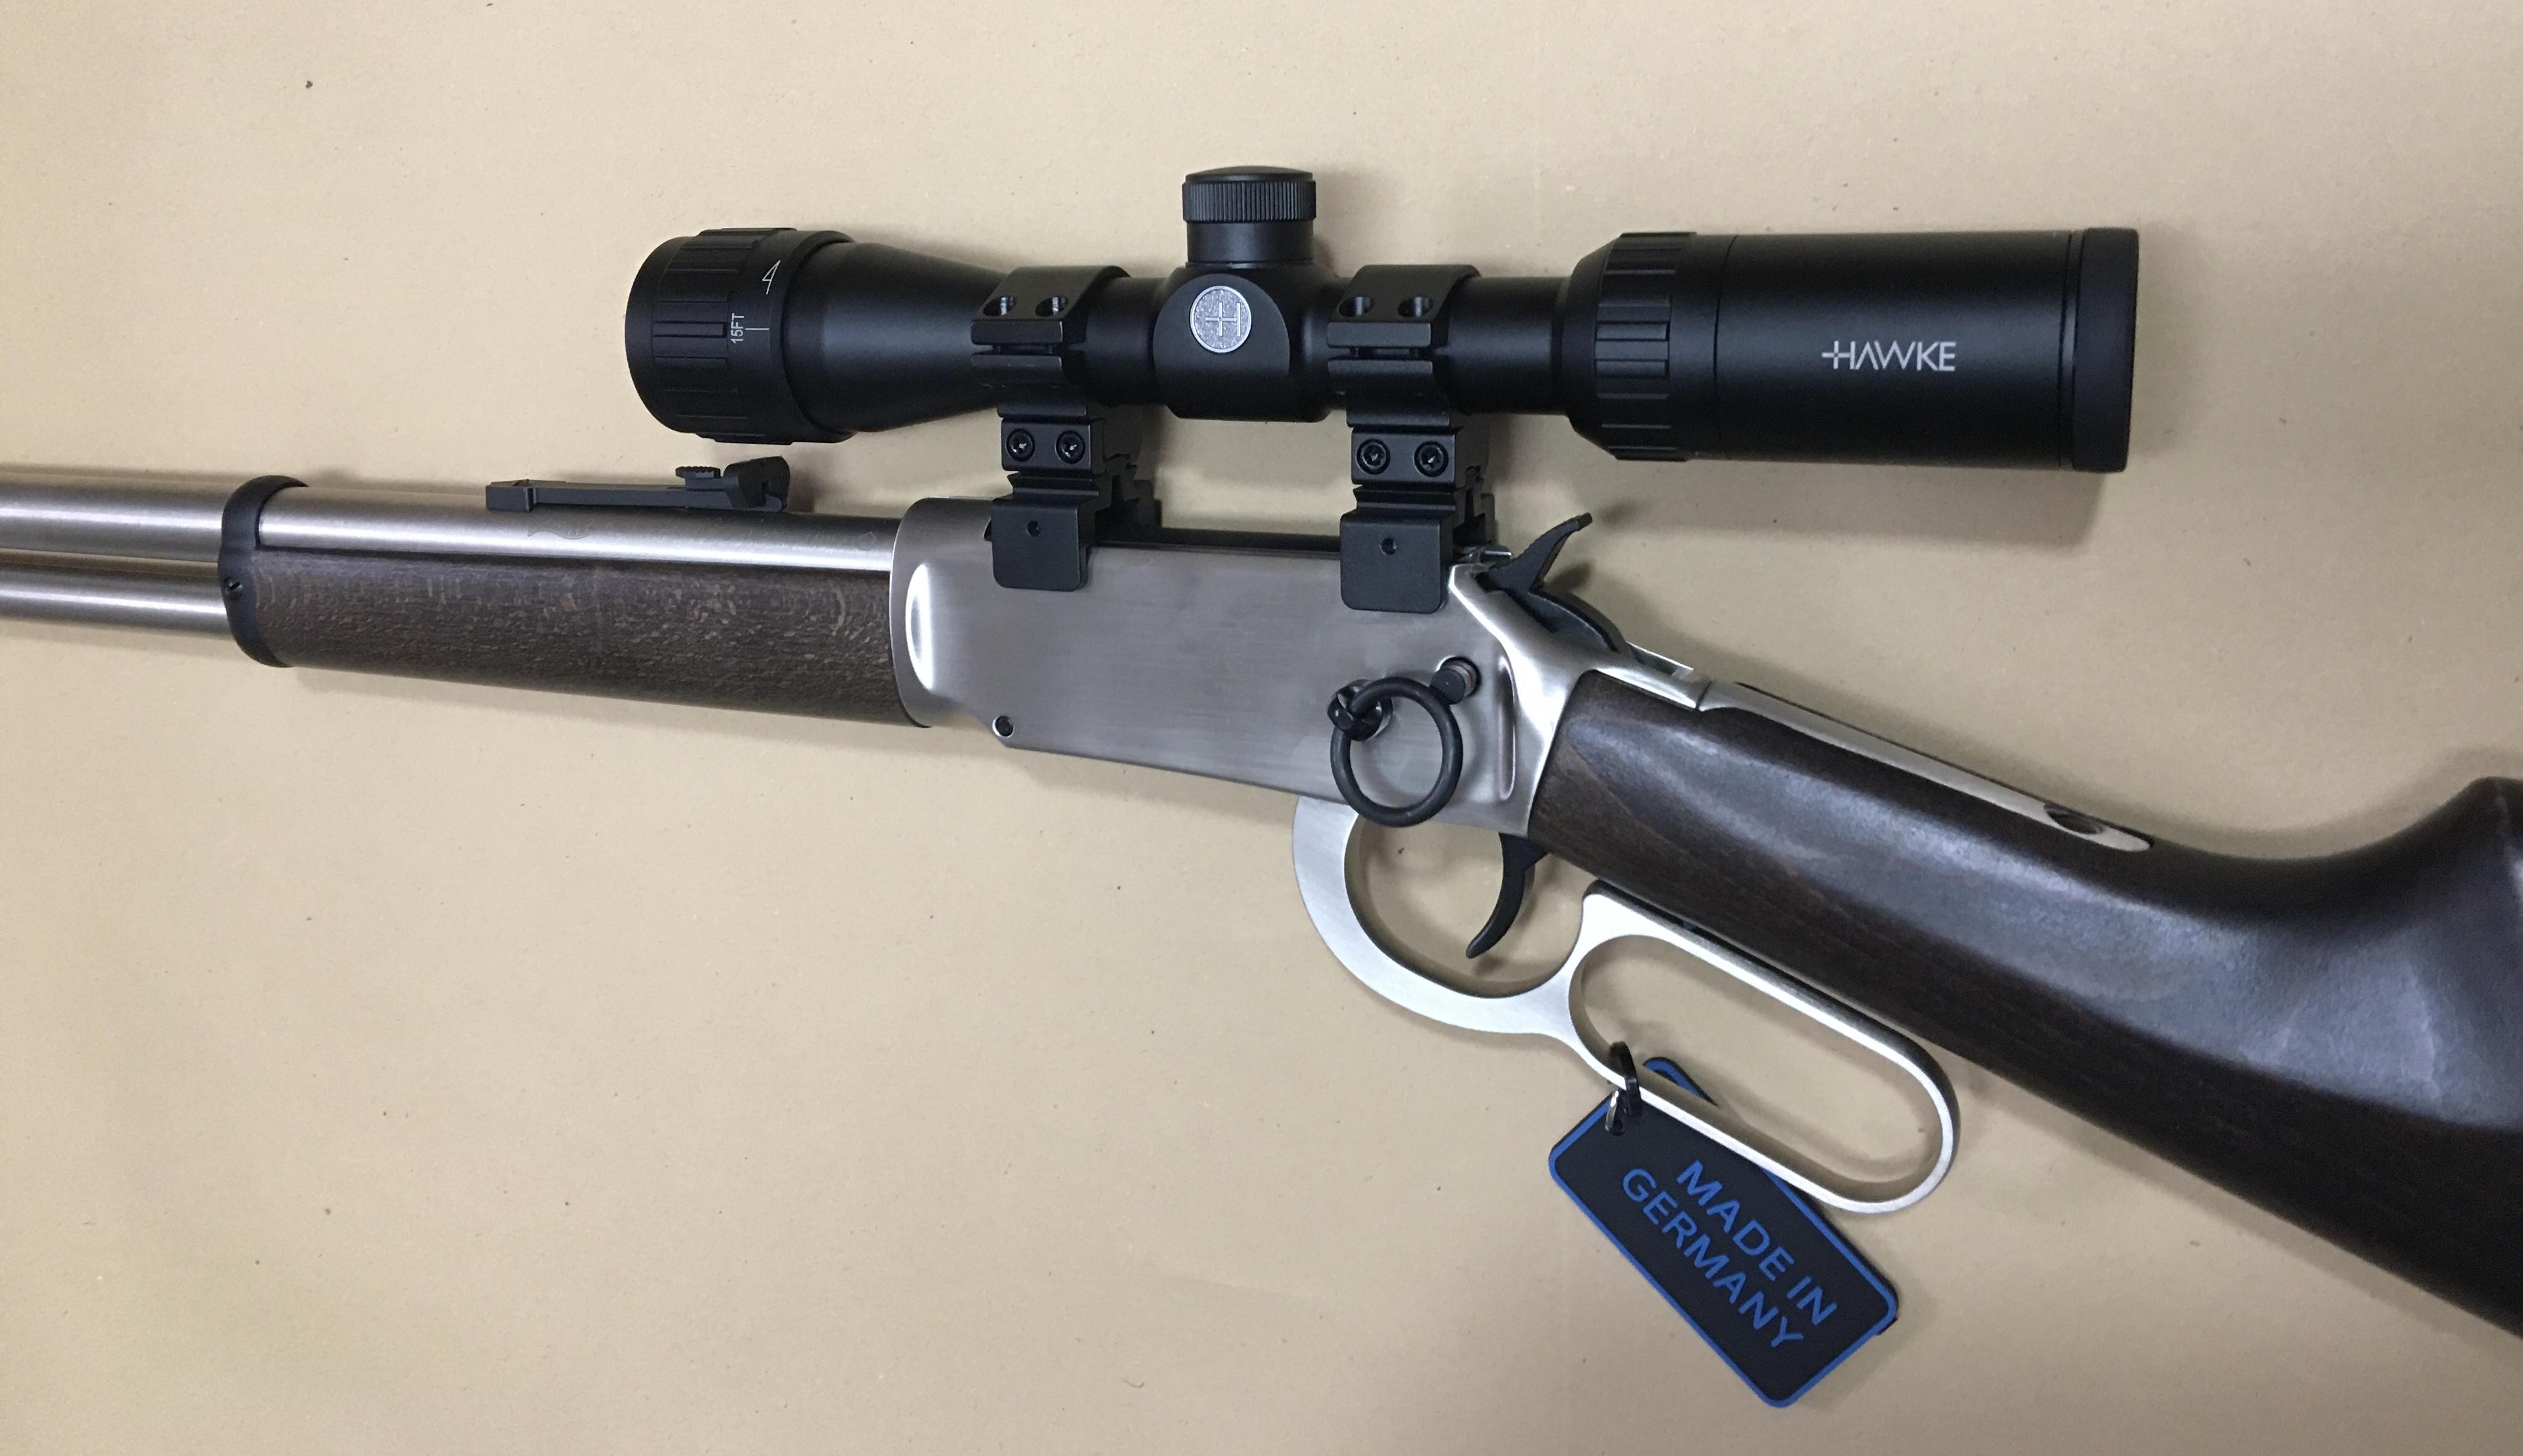 Montagebeispiel am vernickelten <a href=1060342.htm> CO2 Gewehr Walther Lever Action</a>, steel finish